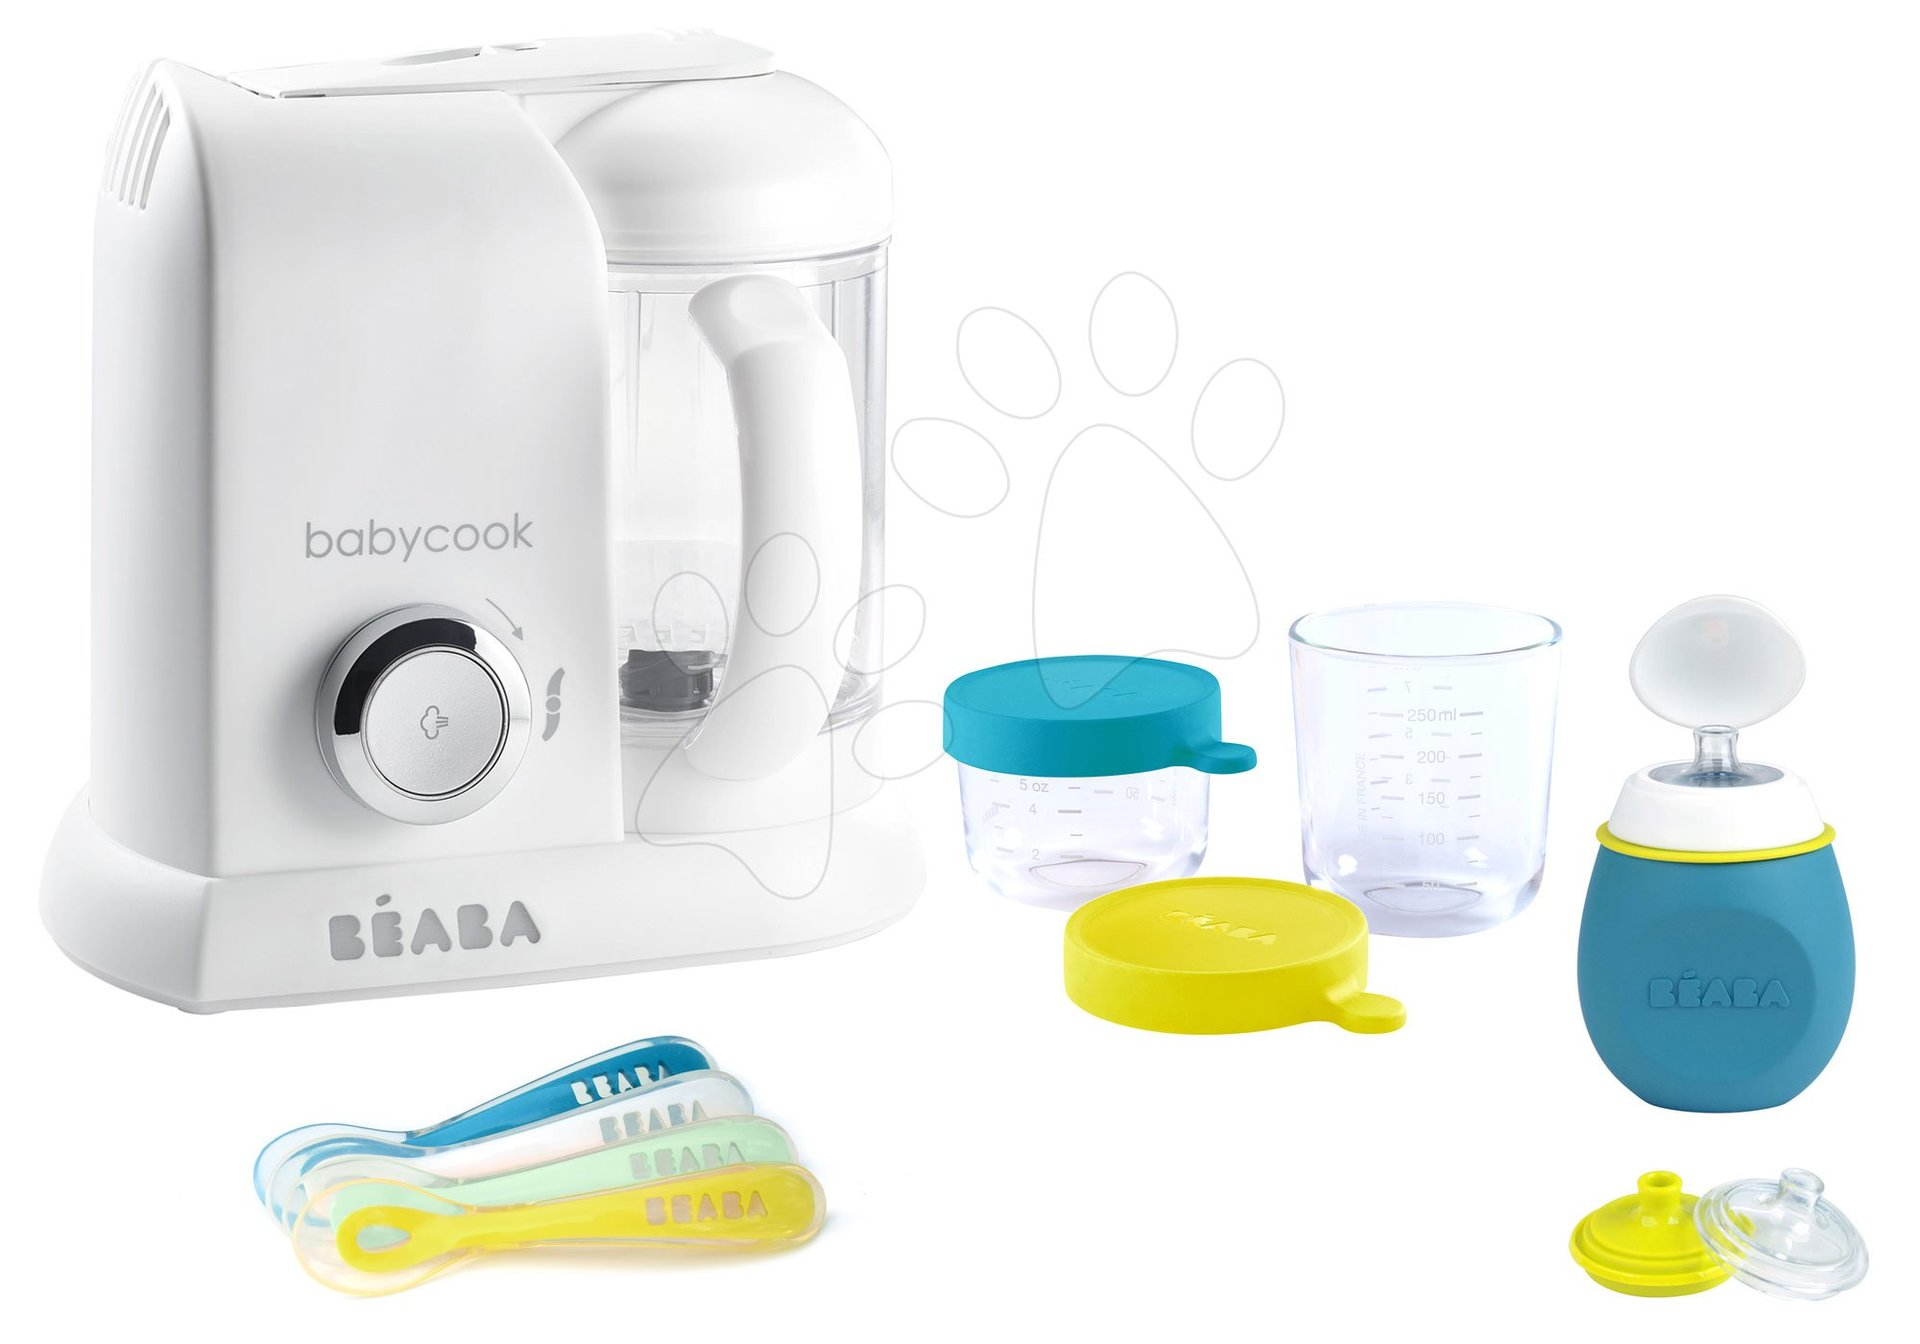 Set aparat de gătit cu aburi si mixer Beaba Babycook® Solo white silver + cadou 2 recipiente pentru stocarea mâncării din sticlă de calitate, sticlă cu capac şi 4 linguriţe pentru hrănire individua